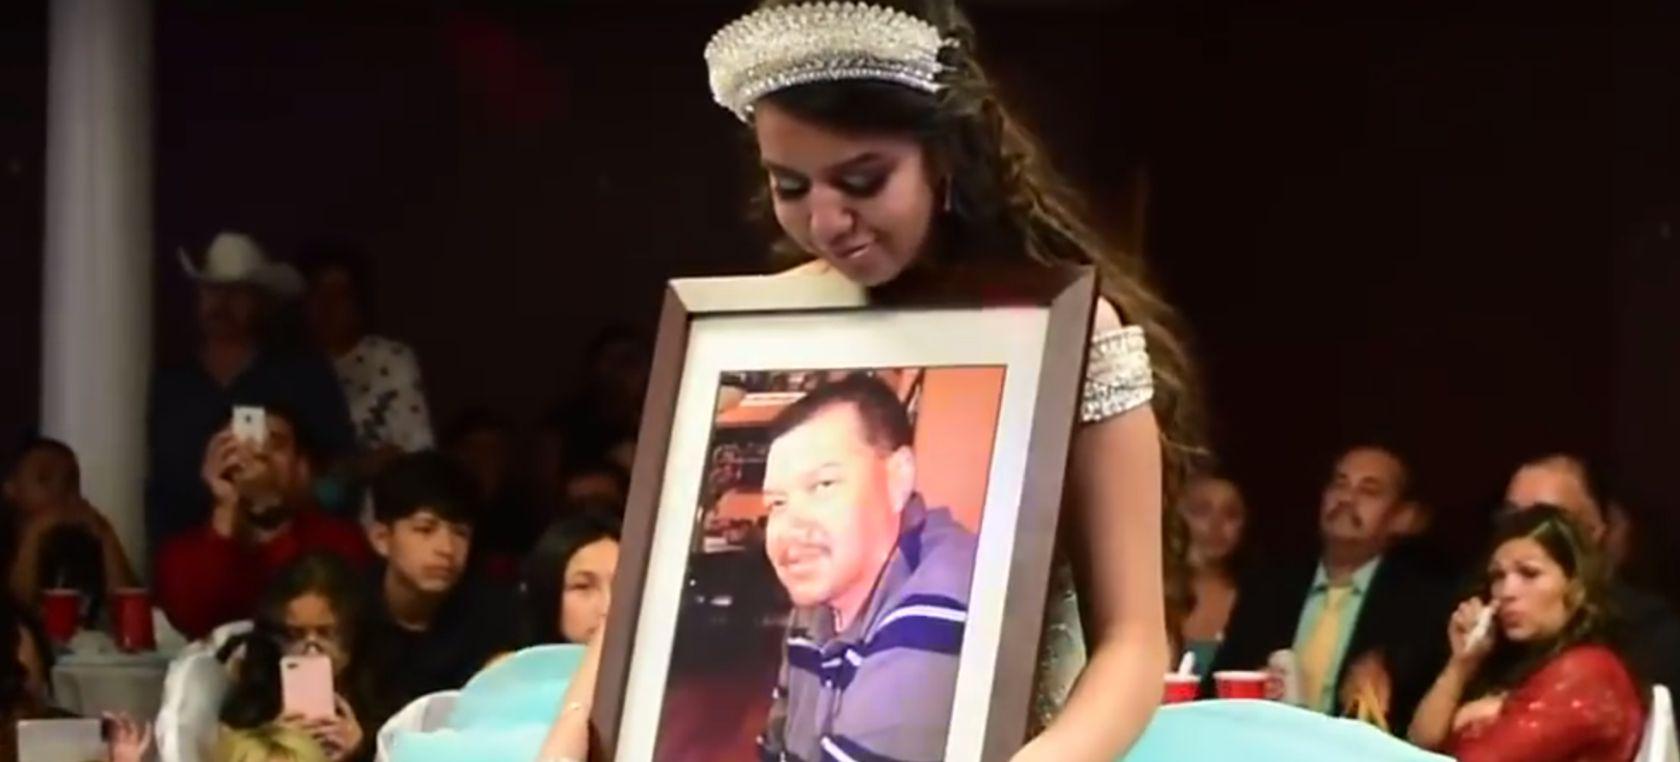 b5ad505289 Esta chica quería estar con su papá en el día más importante de su vida